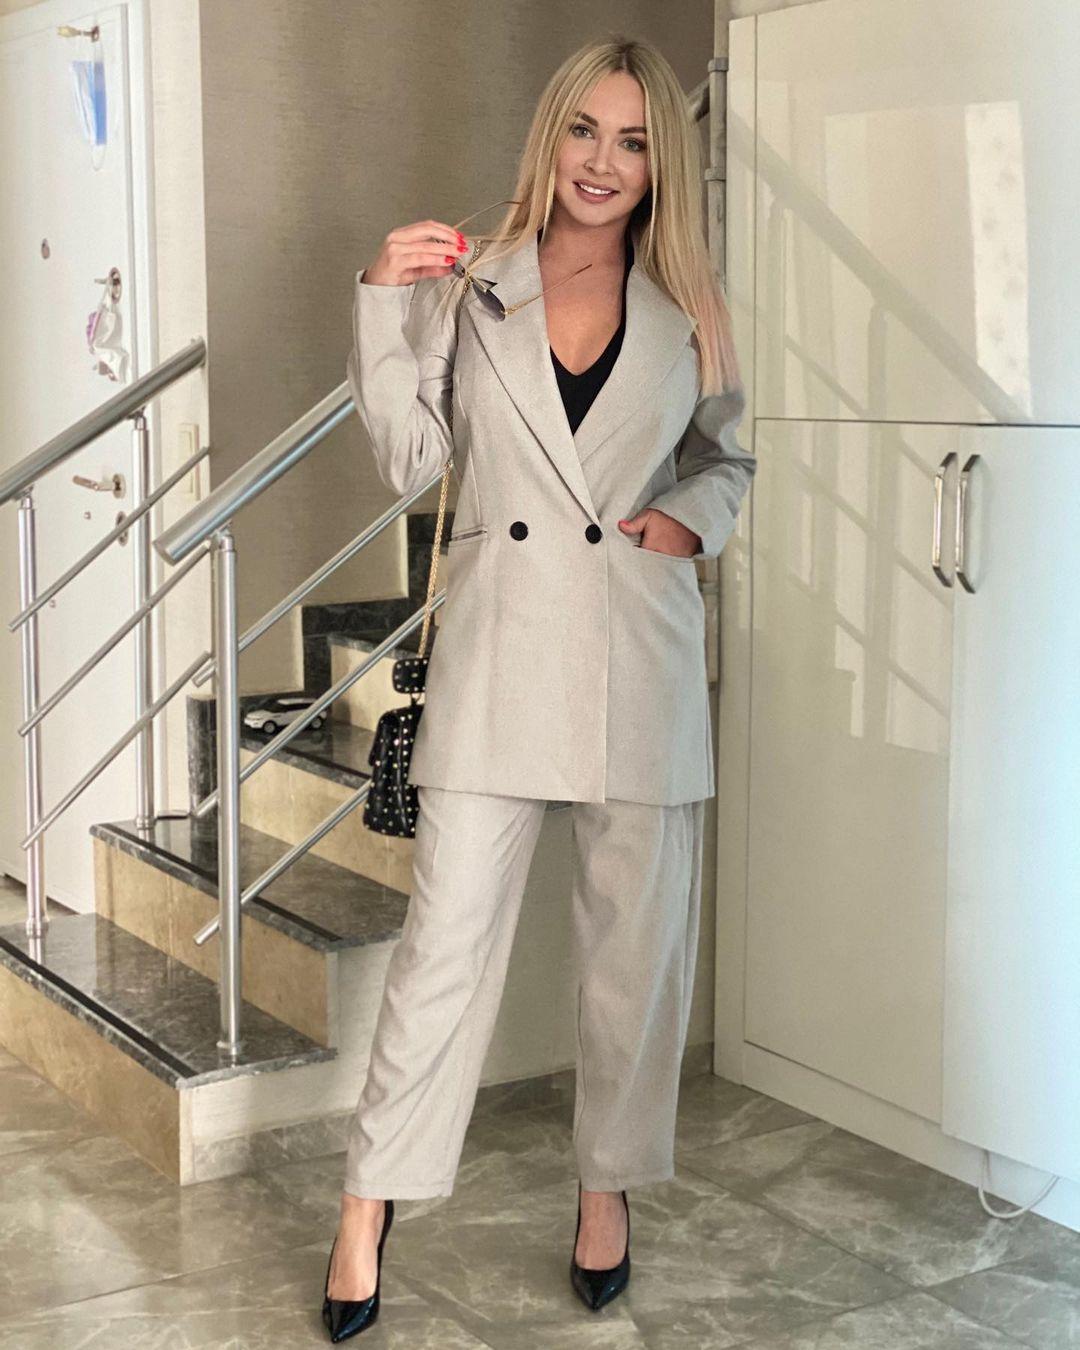 Рейтинг дня: Дарья Пынзарь примерила стильный костюм оверсайз